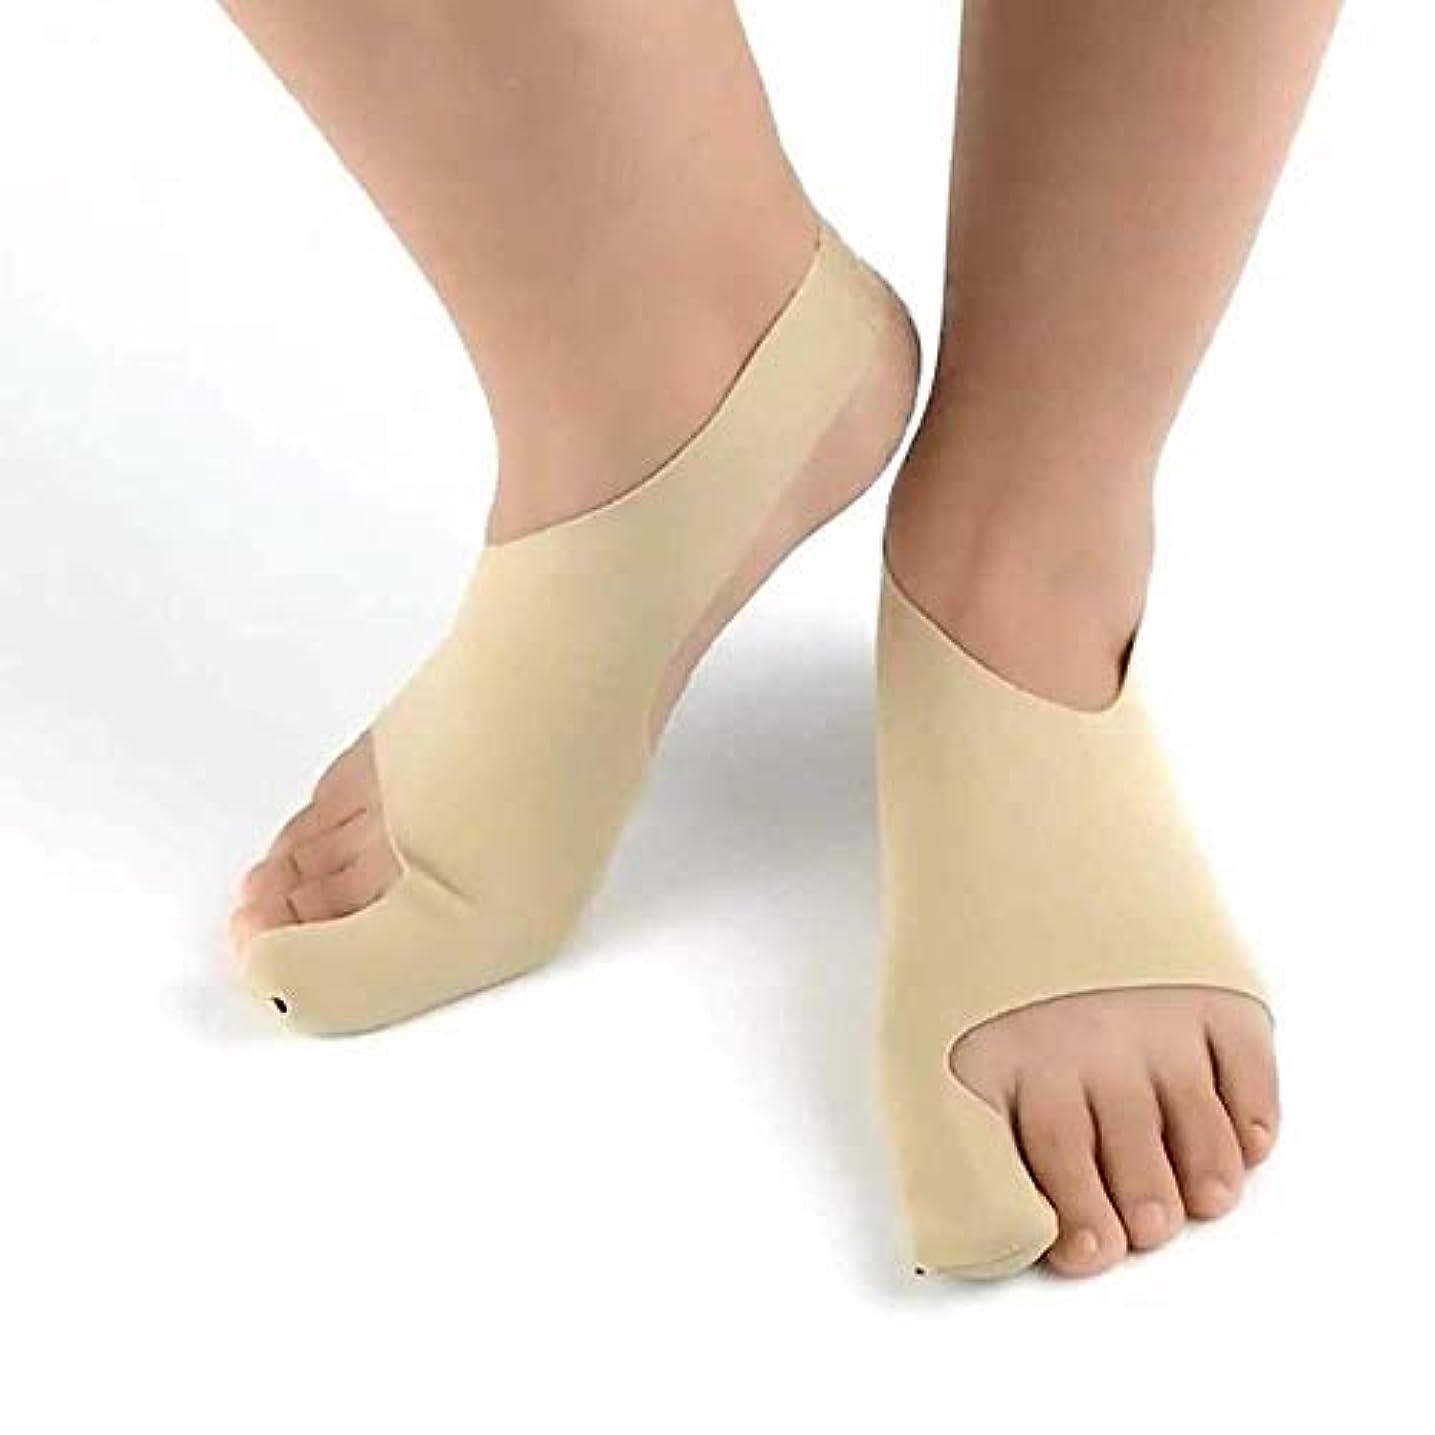 受取人サーキットに行く排泄物外反母ortho装具、超薄型整形外科大足指外反母gusは、ランニング/スポーツの治療と足の痛みの緩和をサポートします,S